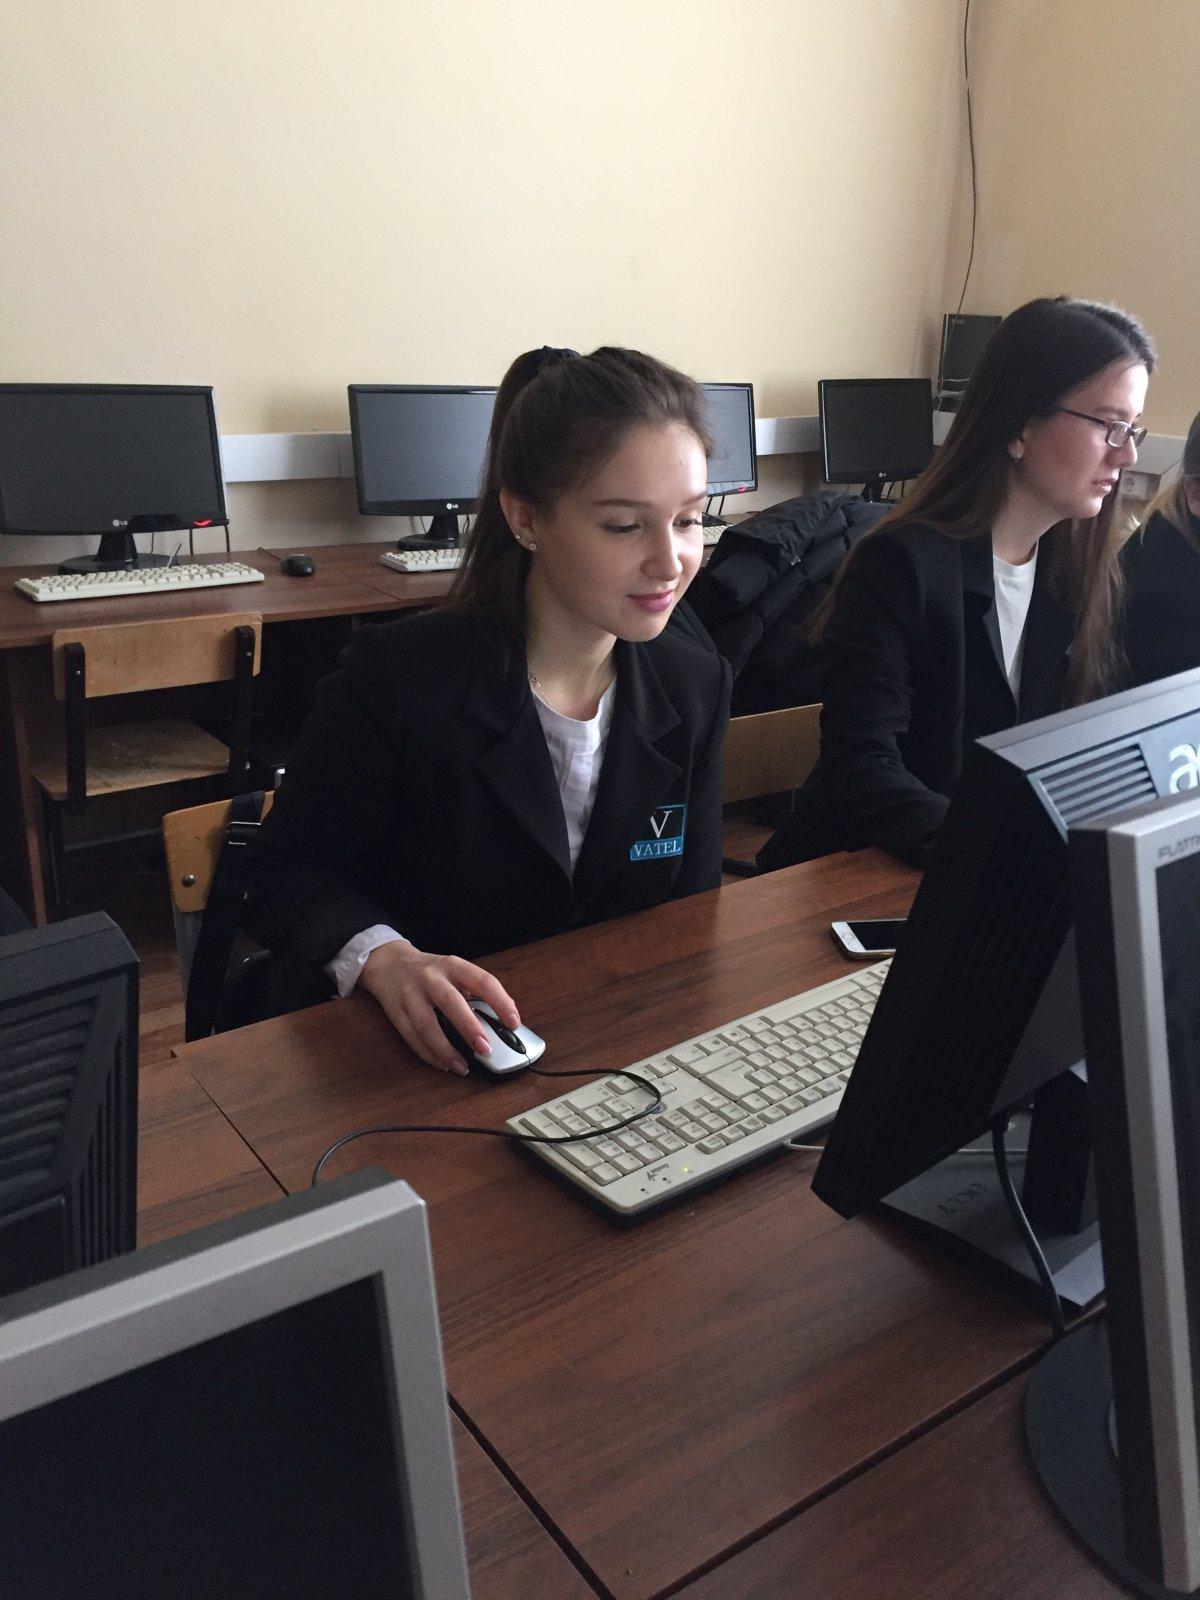 Студенты Vatel-Казань прошли анкетирование в рамках мероприятия